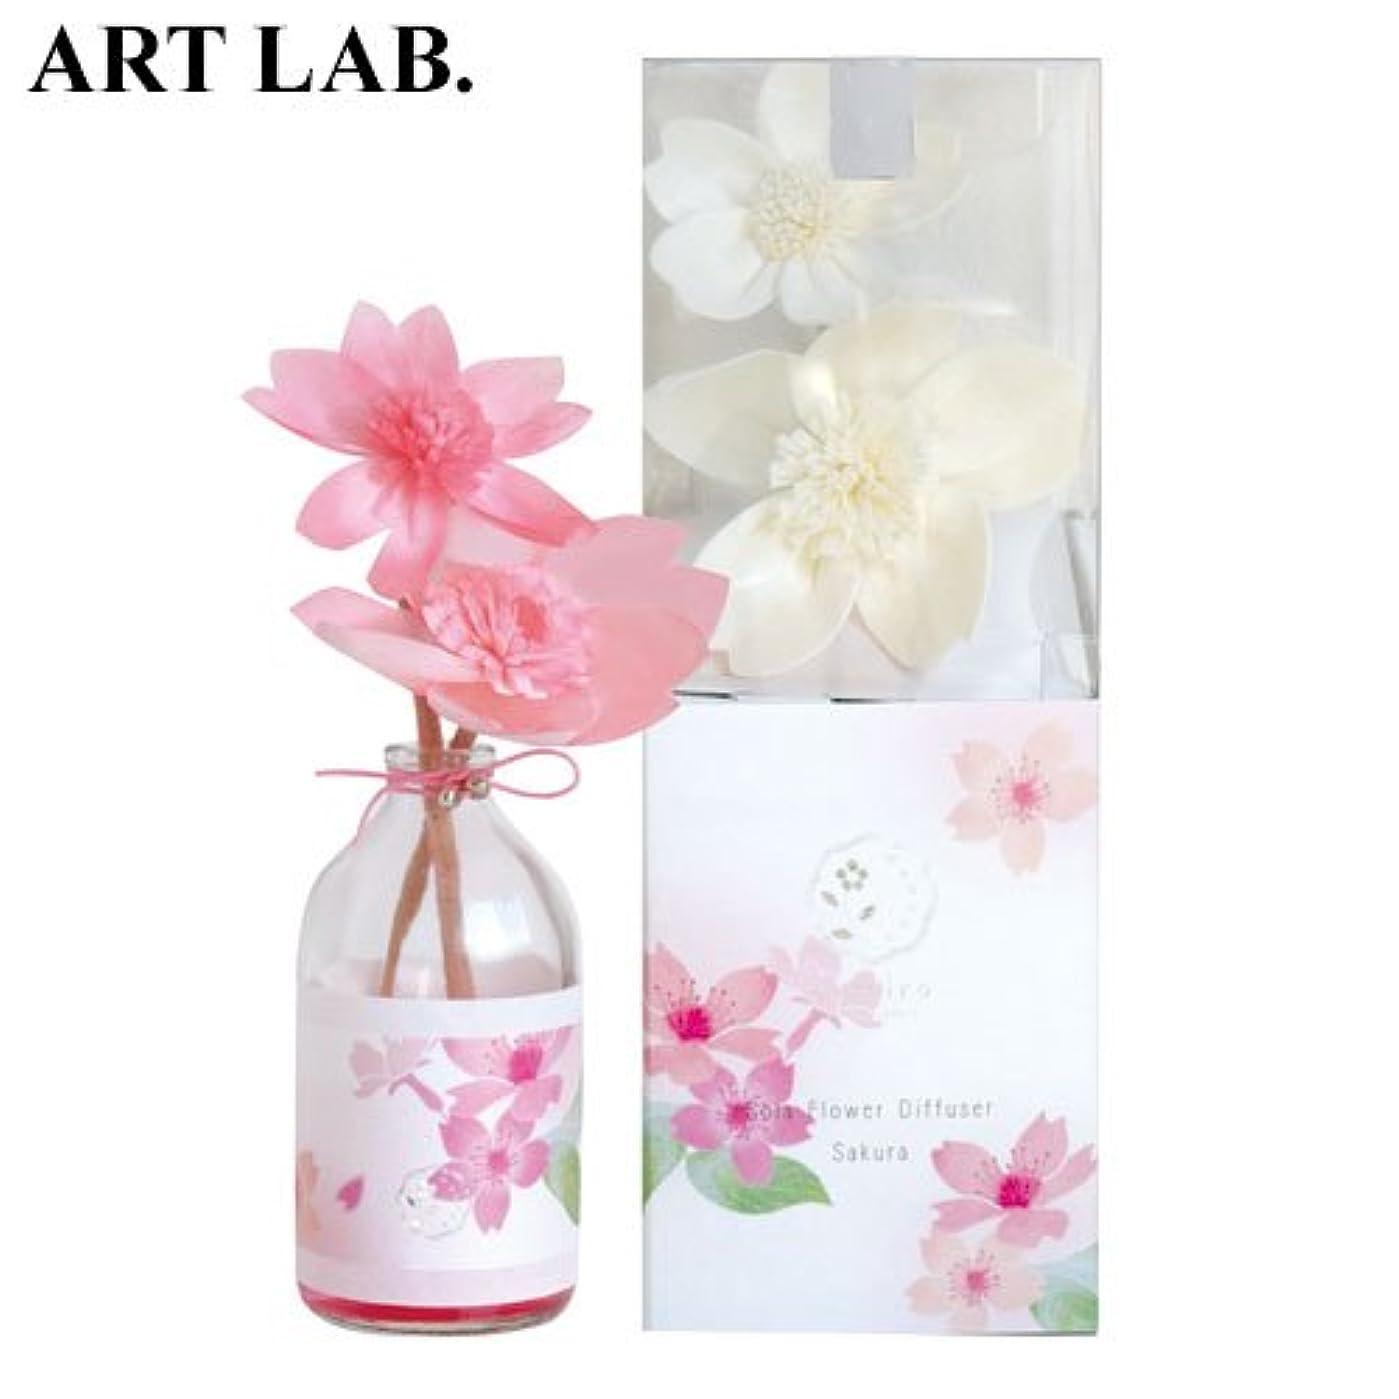 不毛の溶けた喜んでwanokaソラフラワーディフューザー桜《桜をイメージした甘い香り》ART LABAroma Diffuser